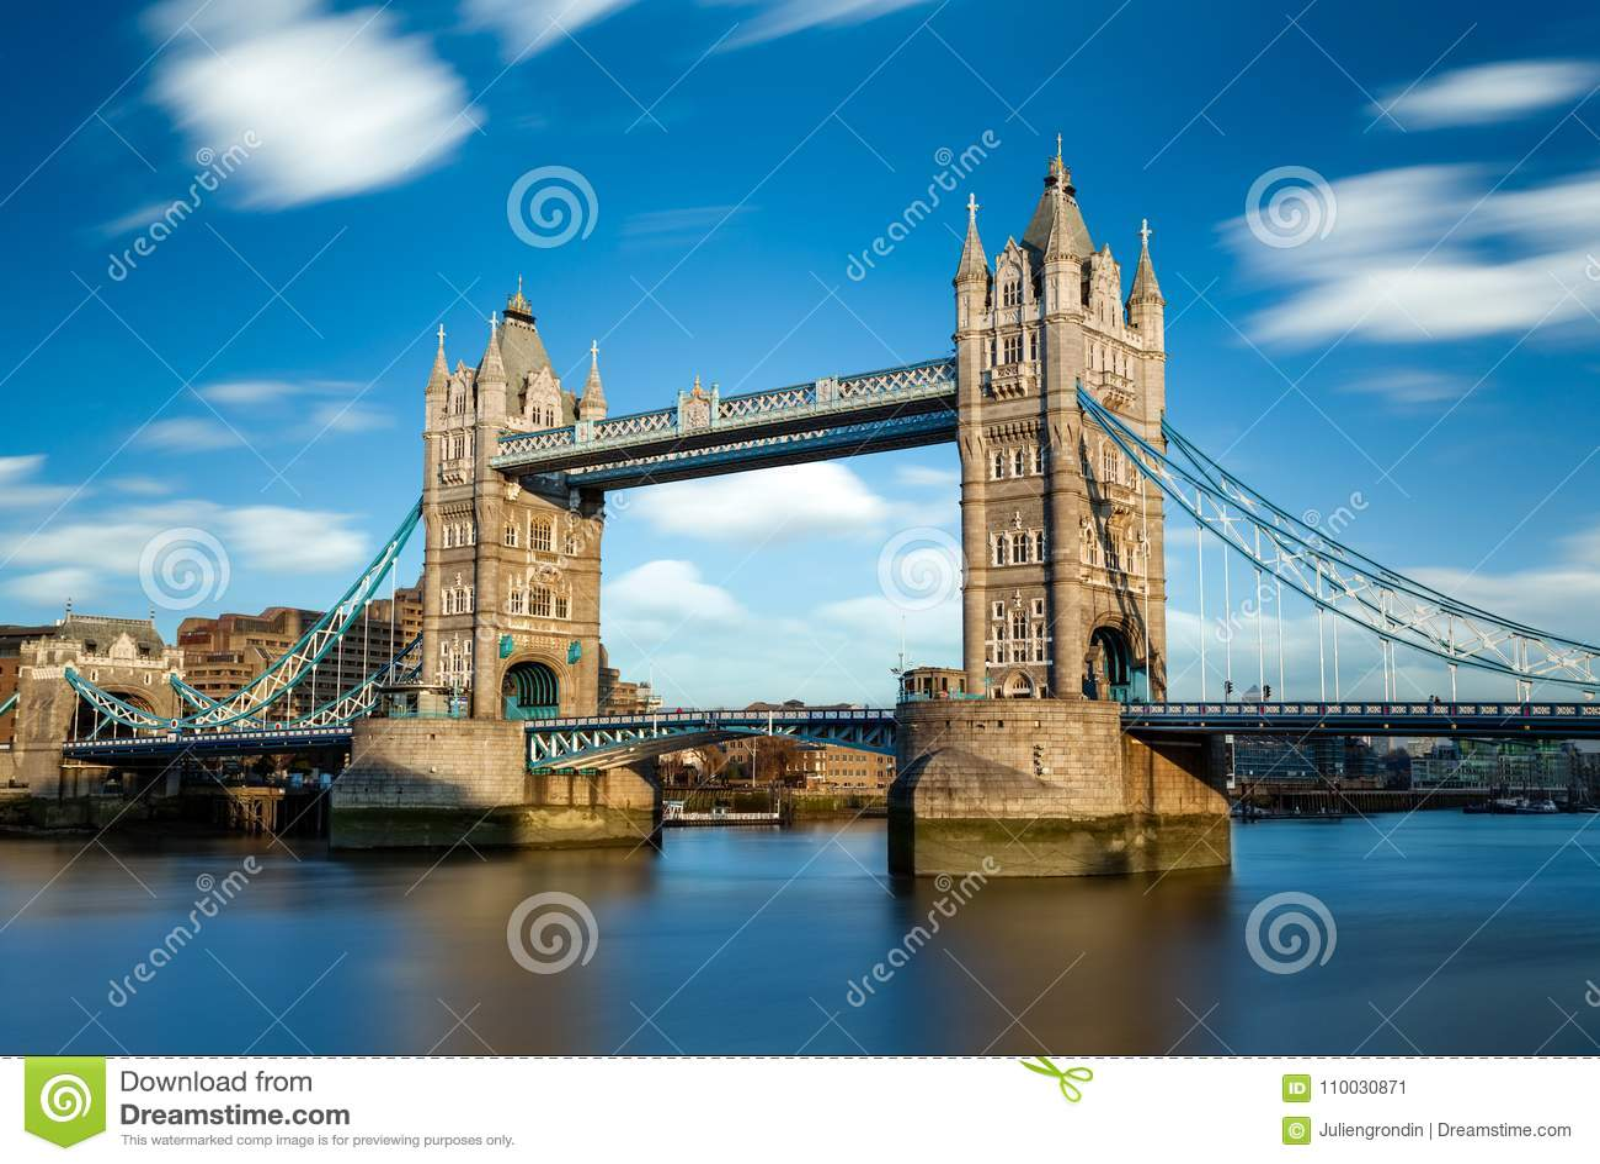 De Brug van de toren in Londen, het UK